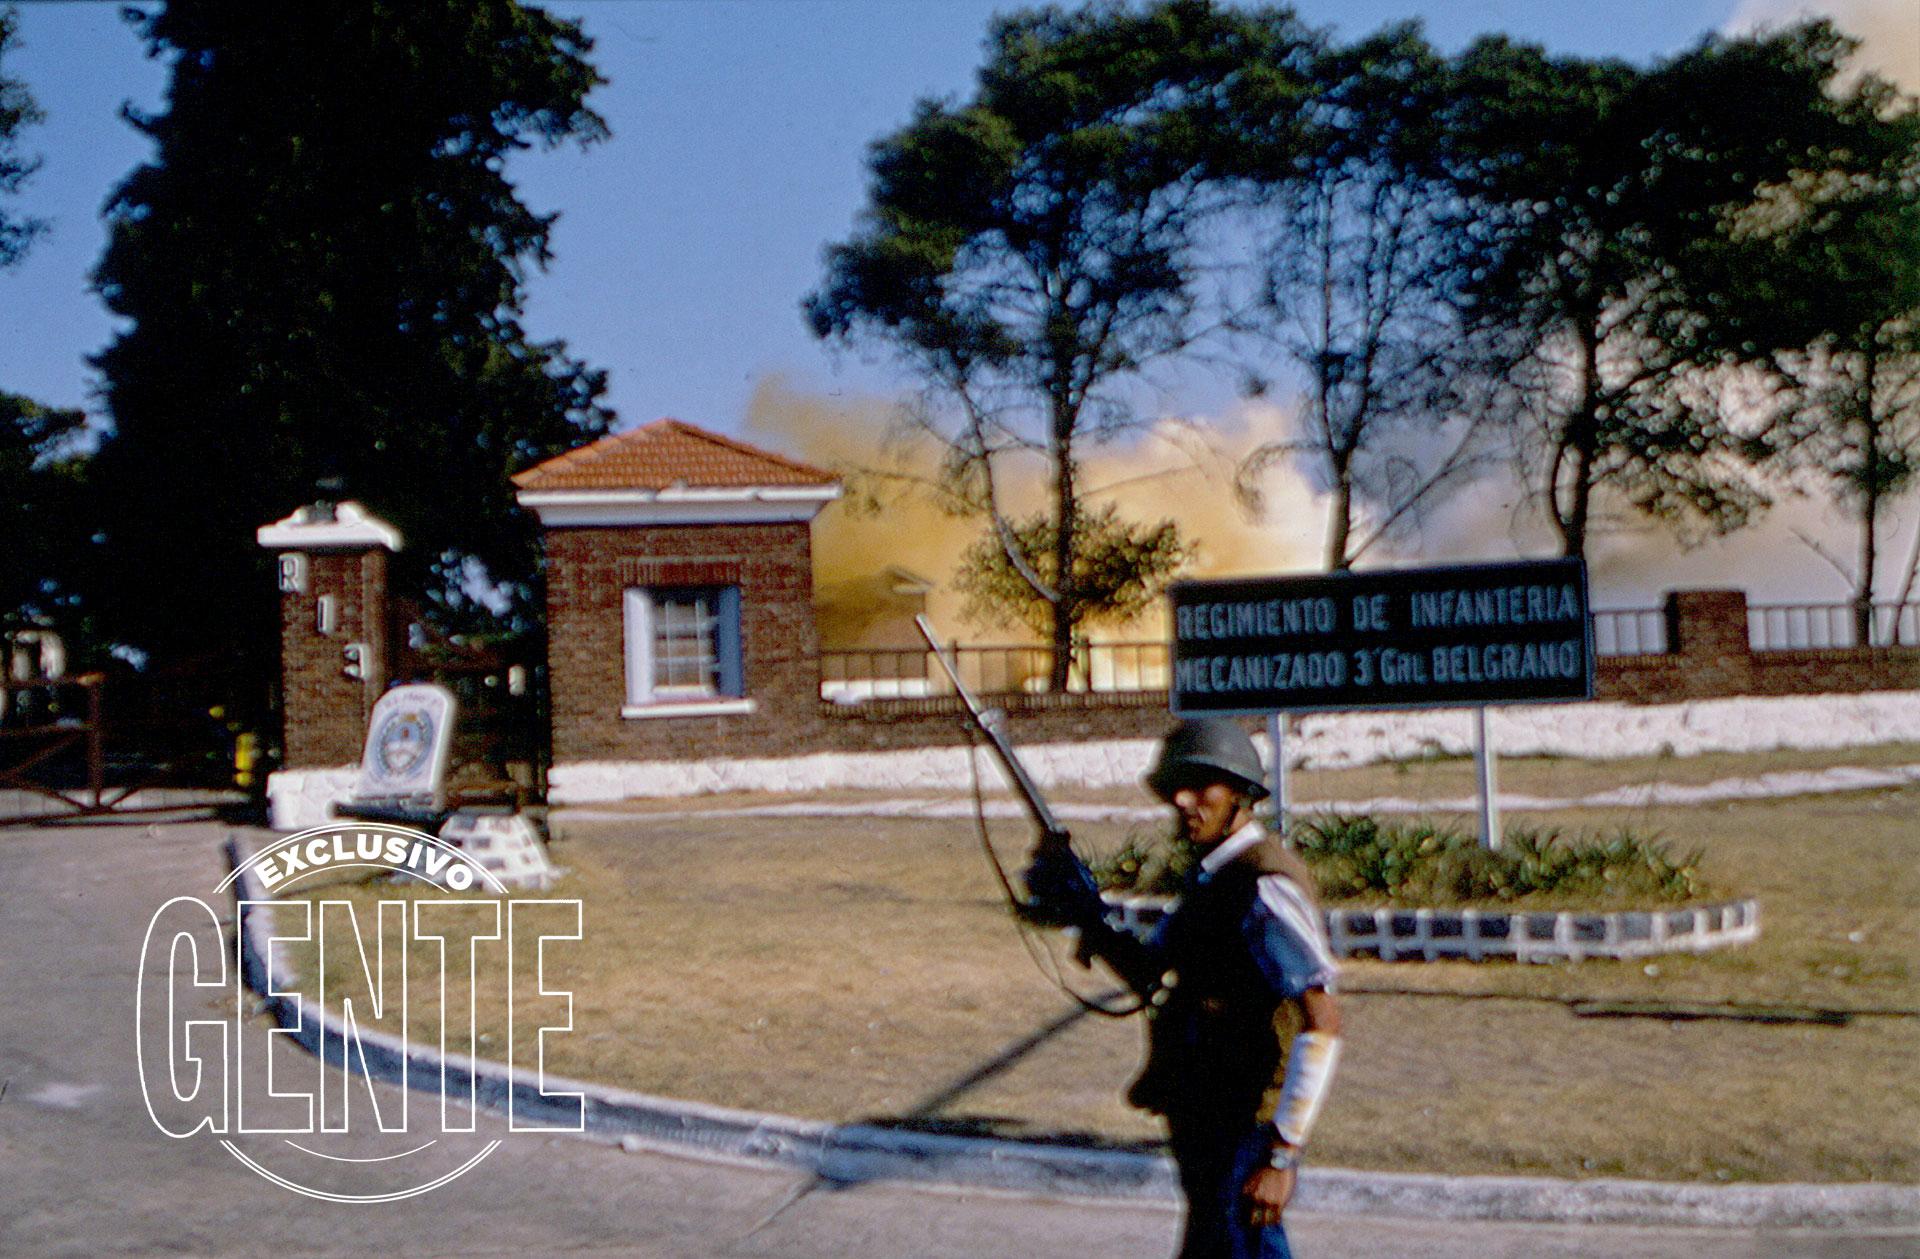 Bien entrada la calurosa tarde del lunes 23, los bombardeos circunscribieron la lucha a los alrededores de los pabellones. Afuera se vivía una pausa de tensa tranquilidad.